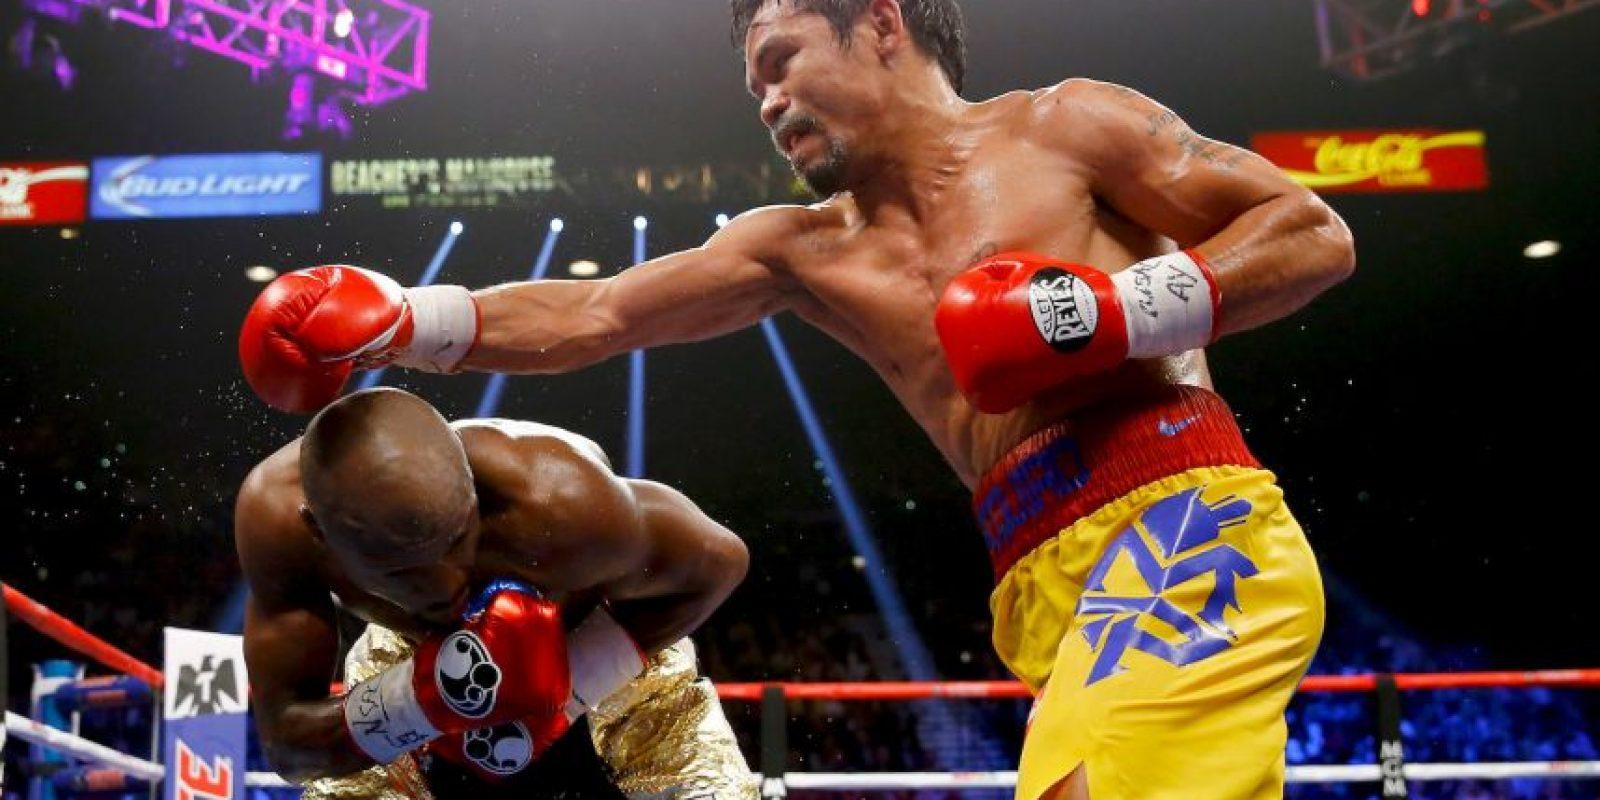 """Pacquiao: """"Sí sentí su poder, pero lo manejé bien, Cotto pega más fuerte"""". Foto:Getty Images"""